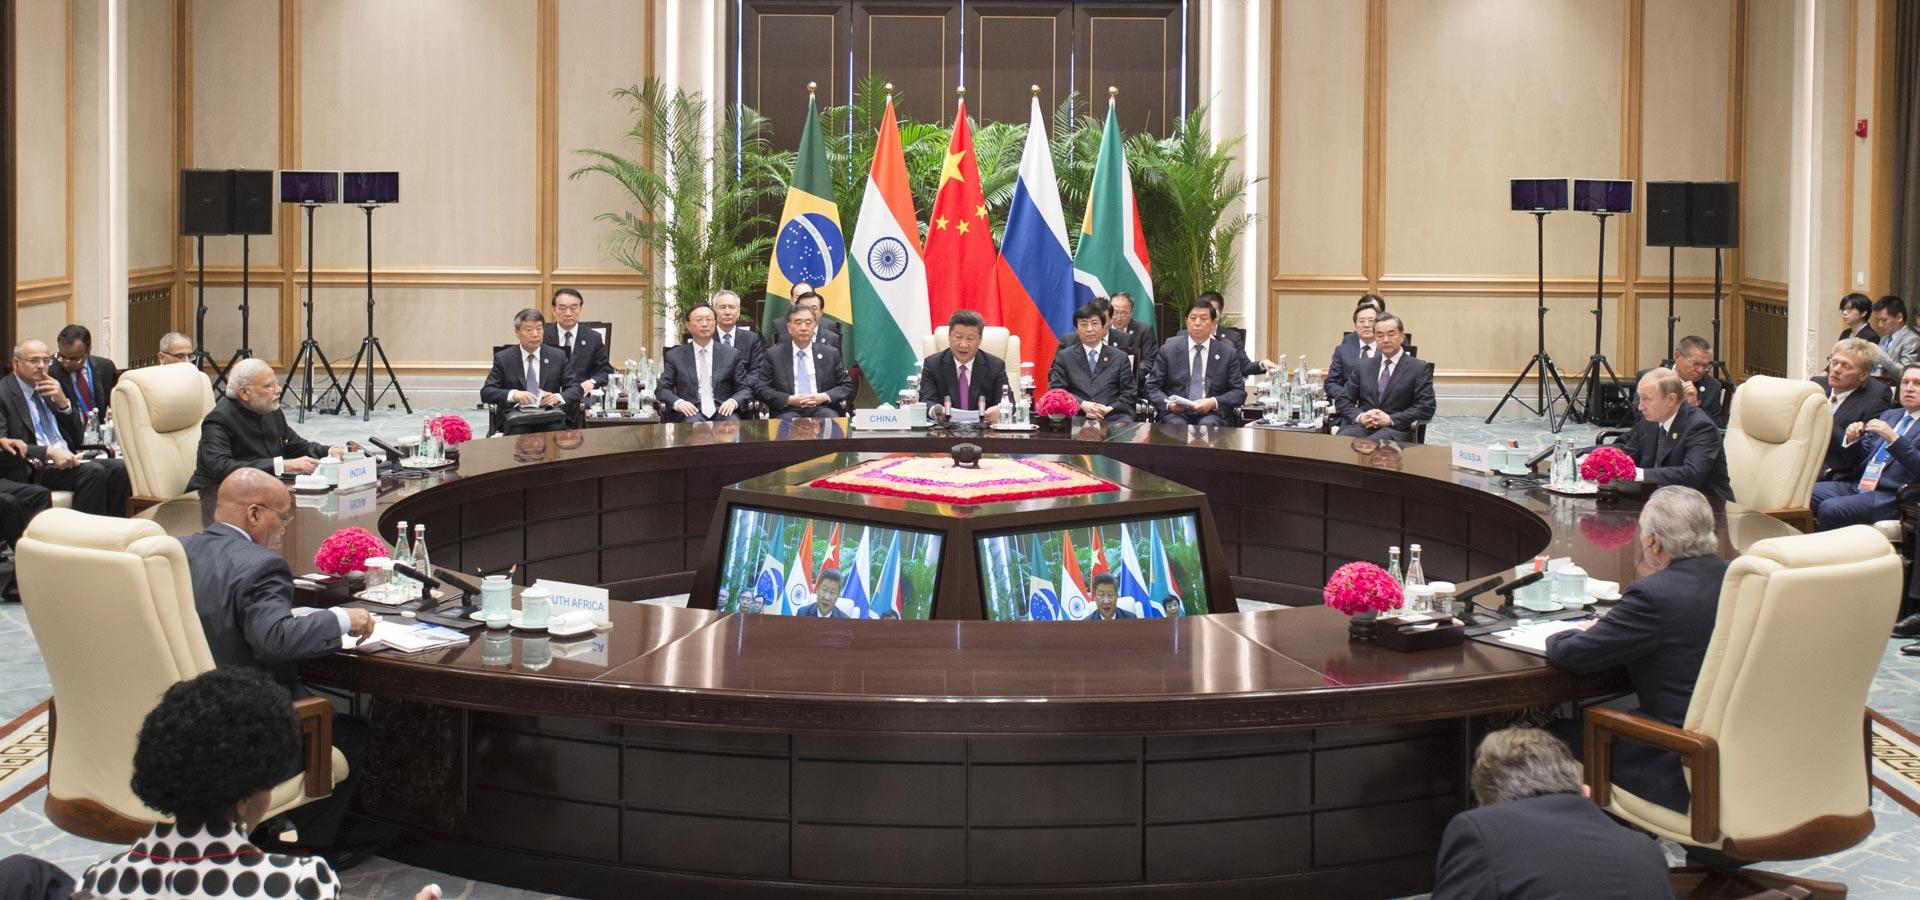 習近平出席金磚國家領導人非正式會晤